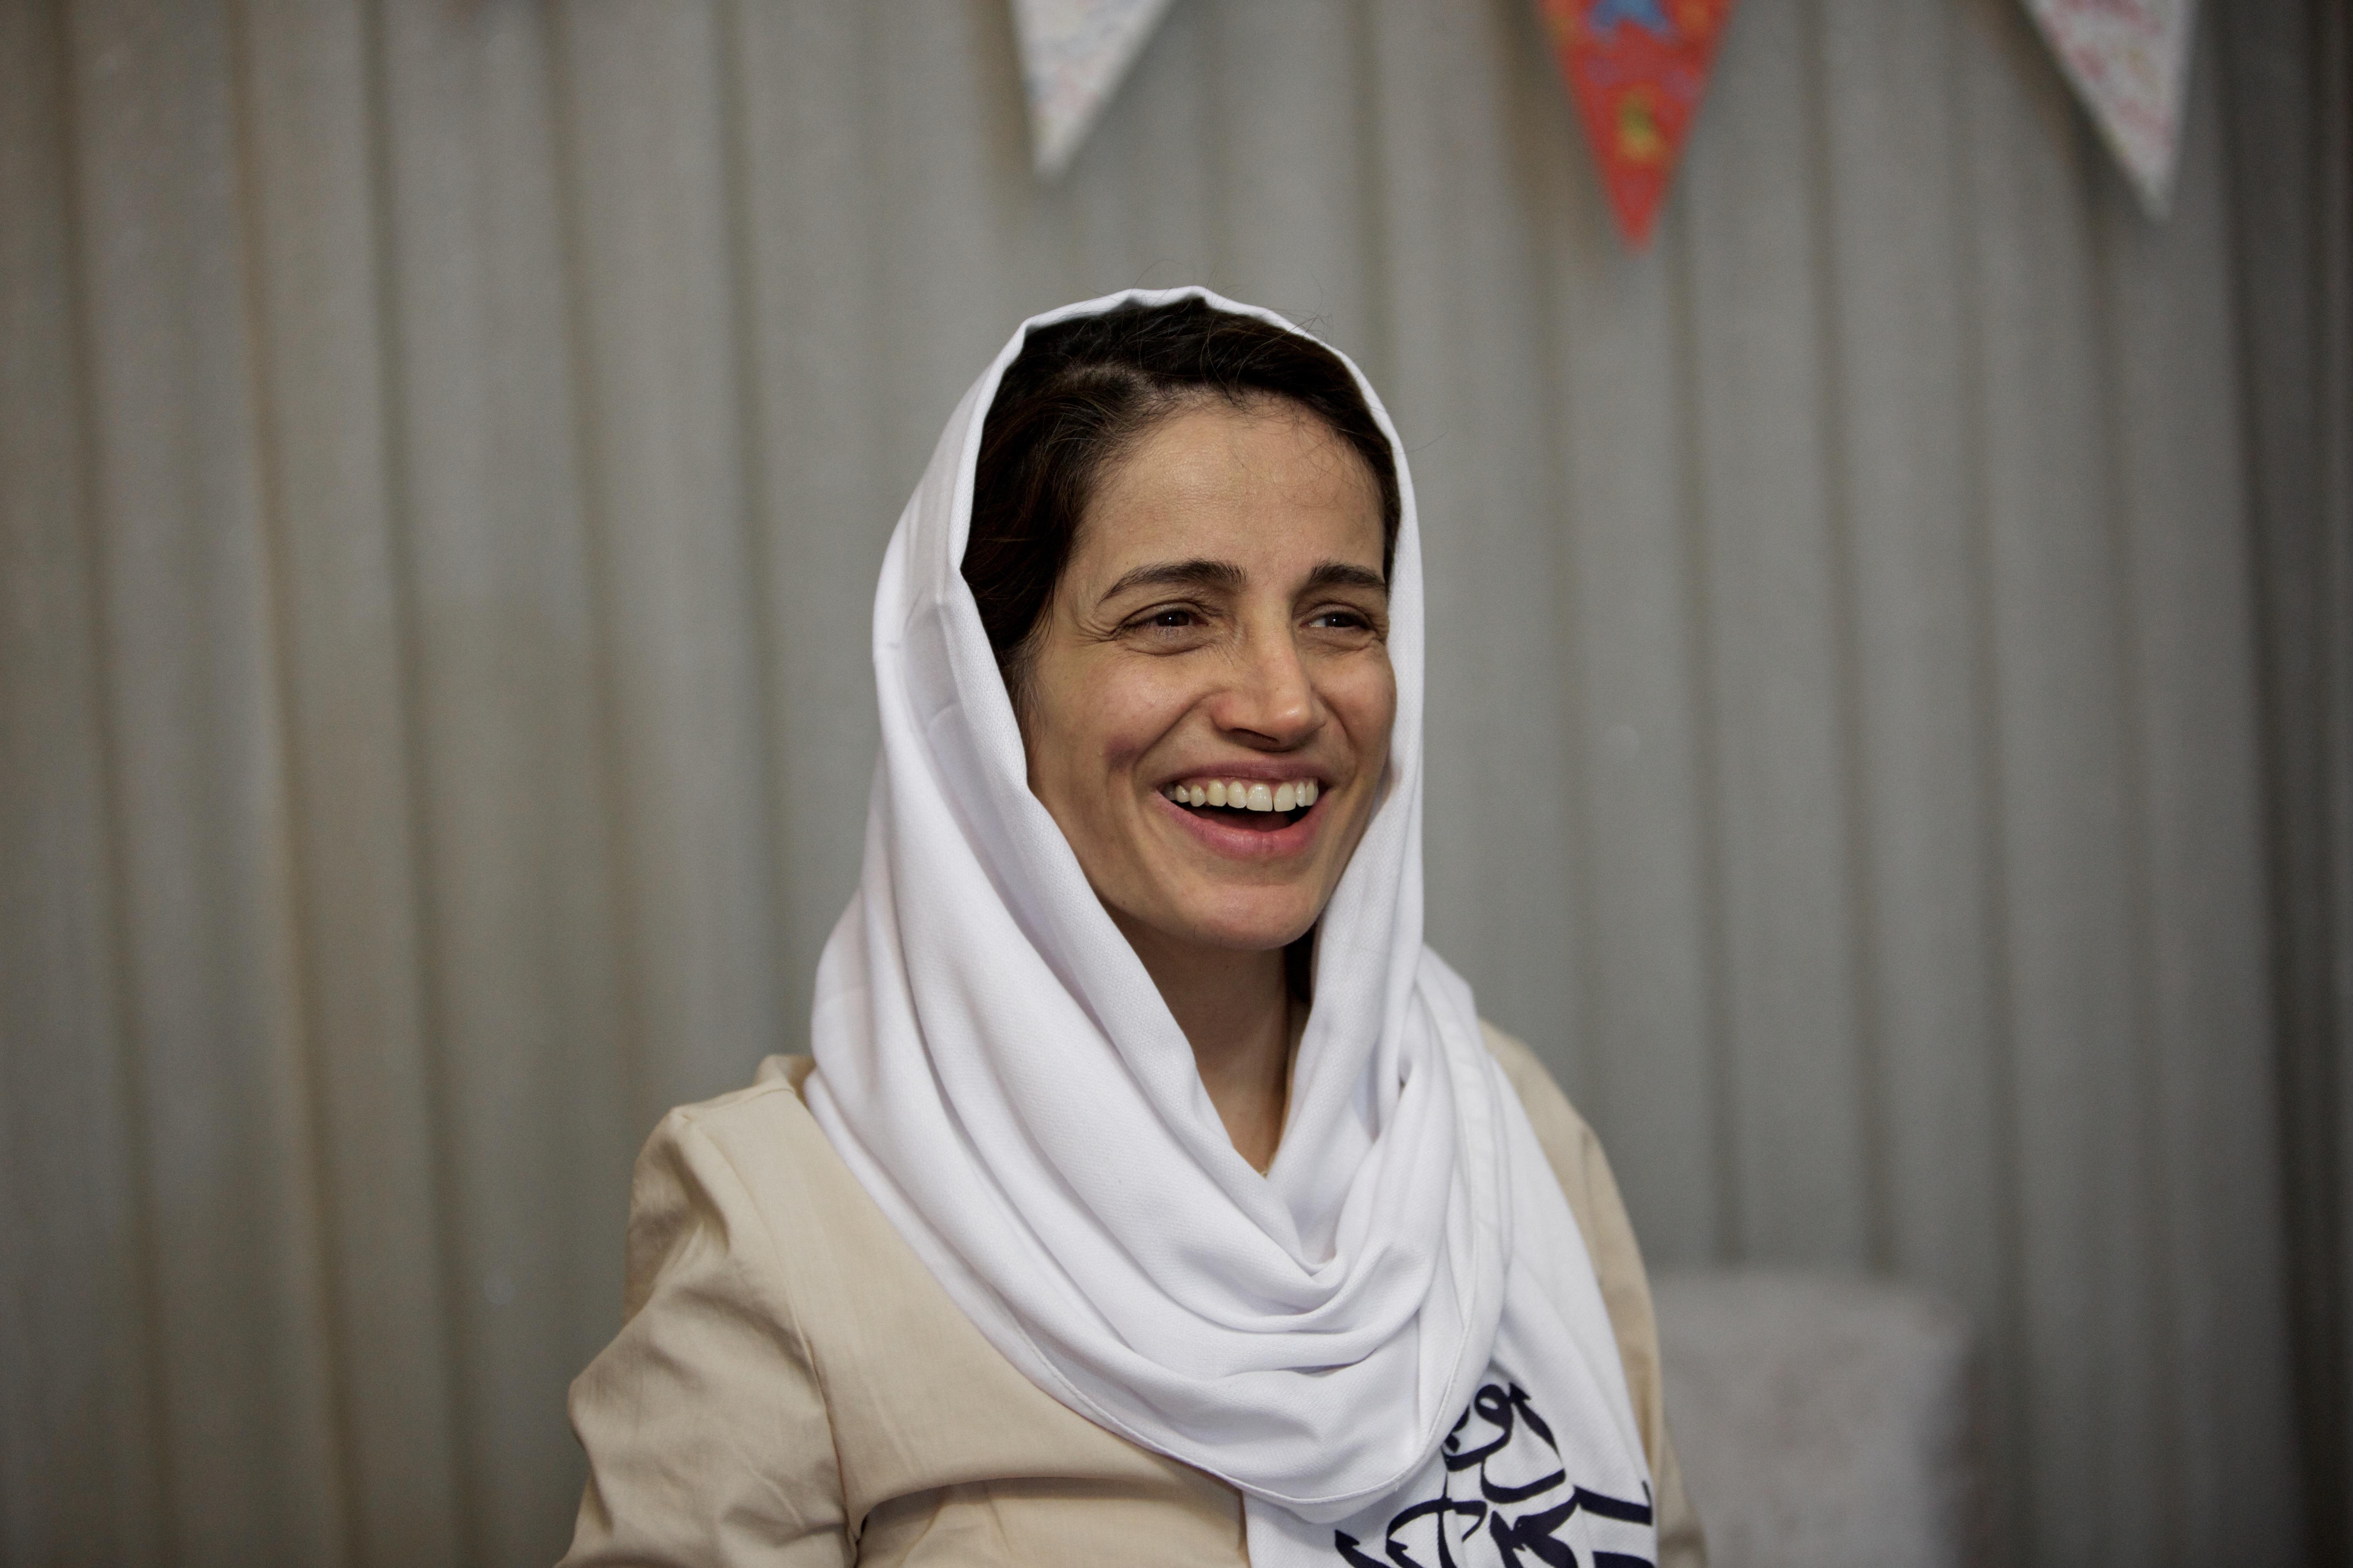 Az 50 napos éhségsztrájk és a Covid-19 miatt megromlott egészsége ellenére vissza kell mennie a börtönbe Naszrin Szotudehnek